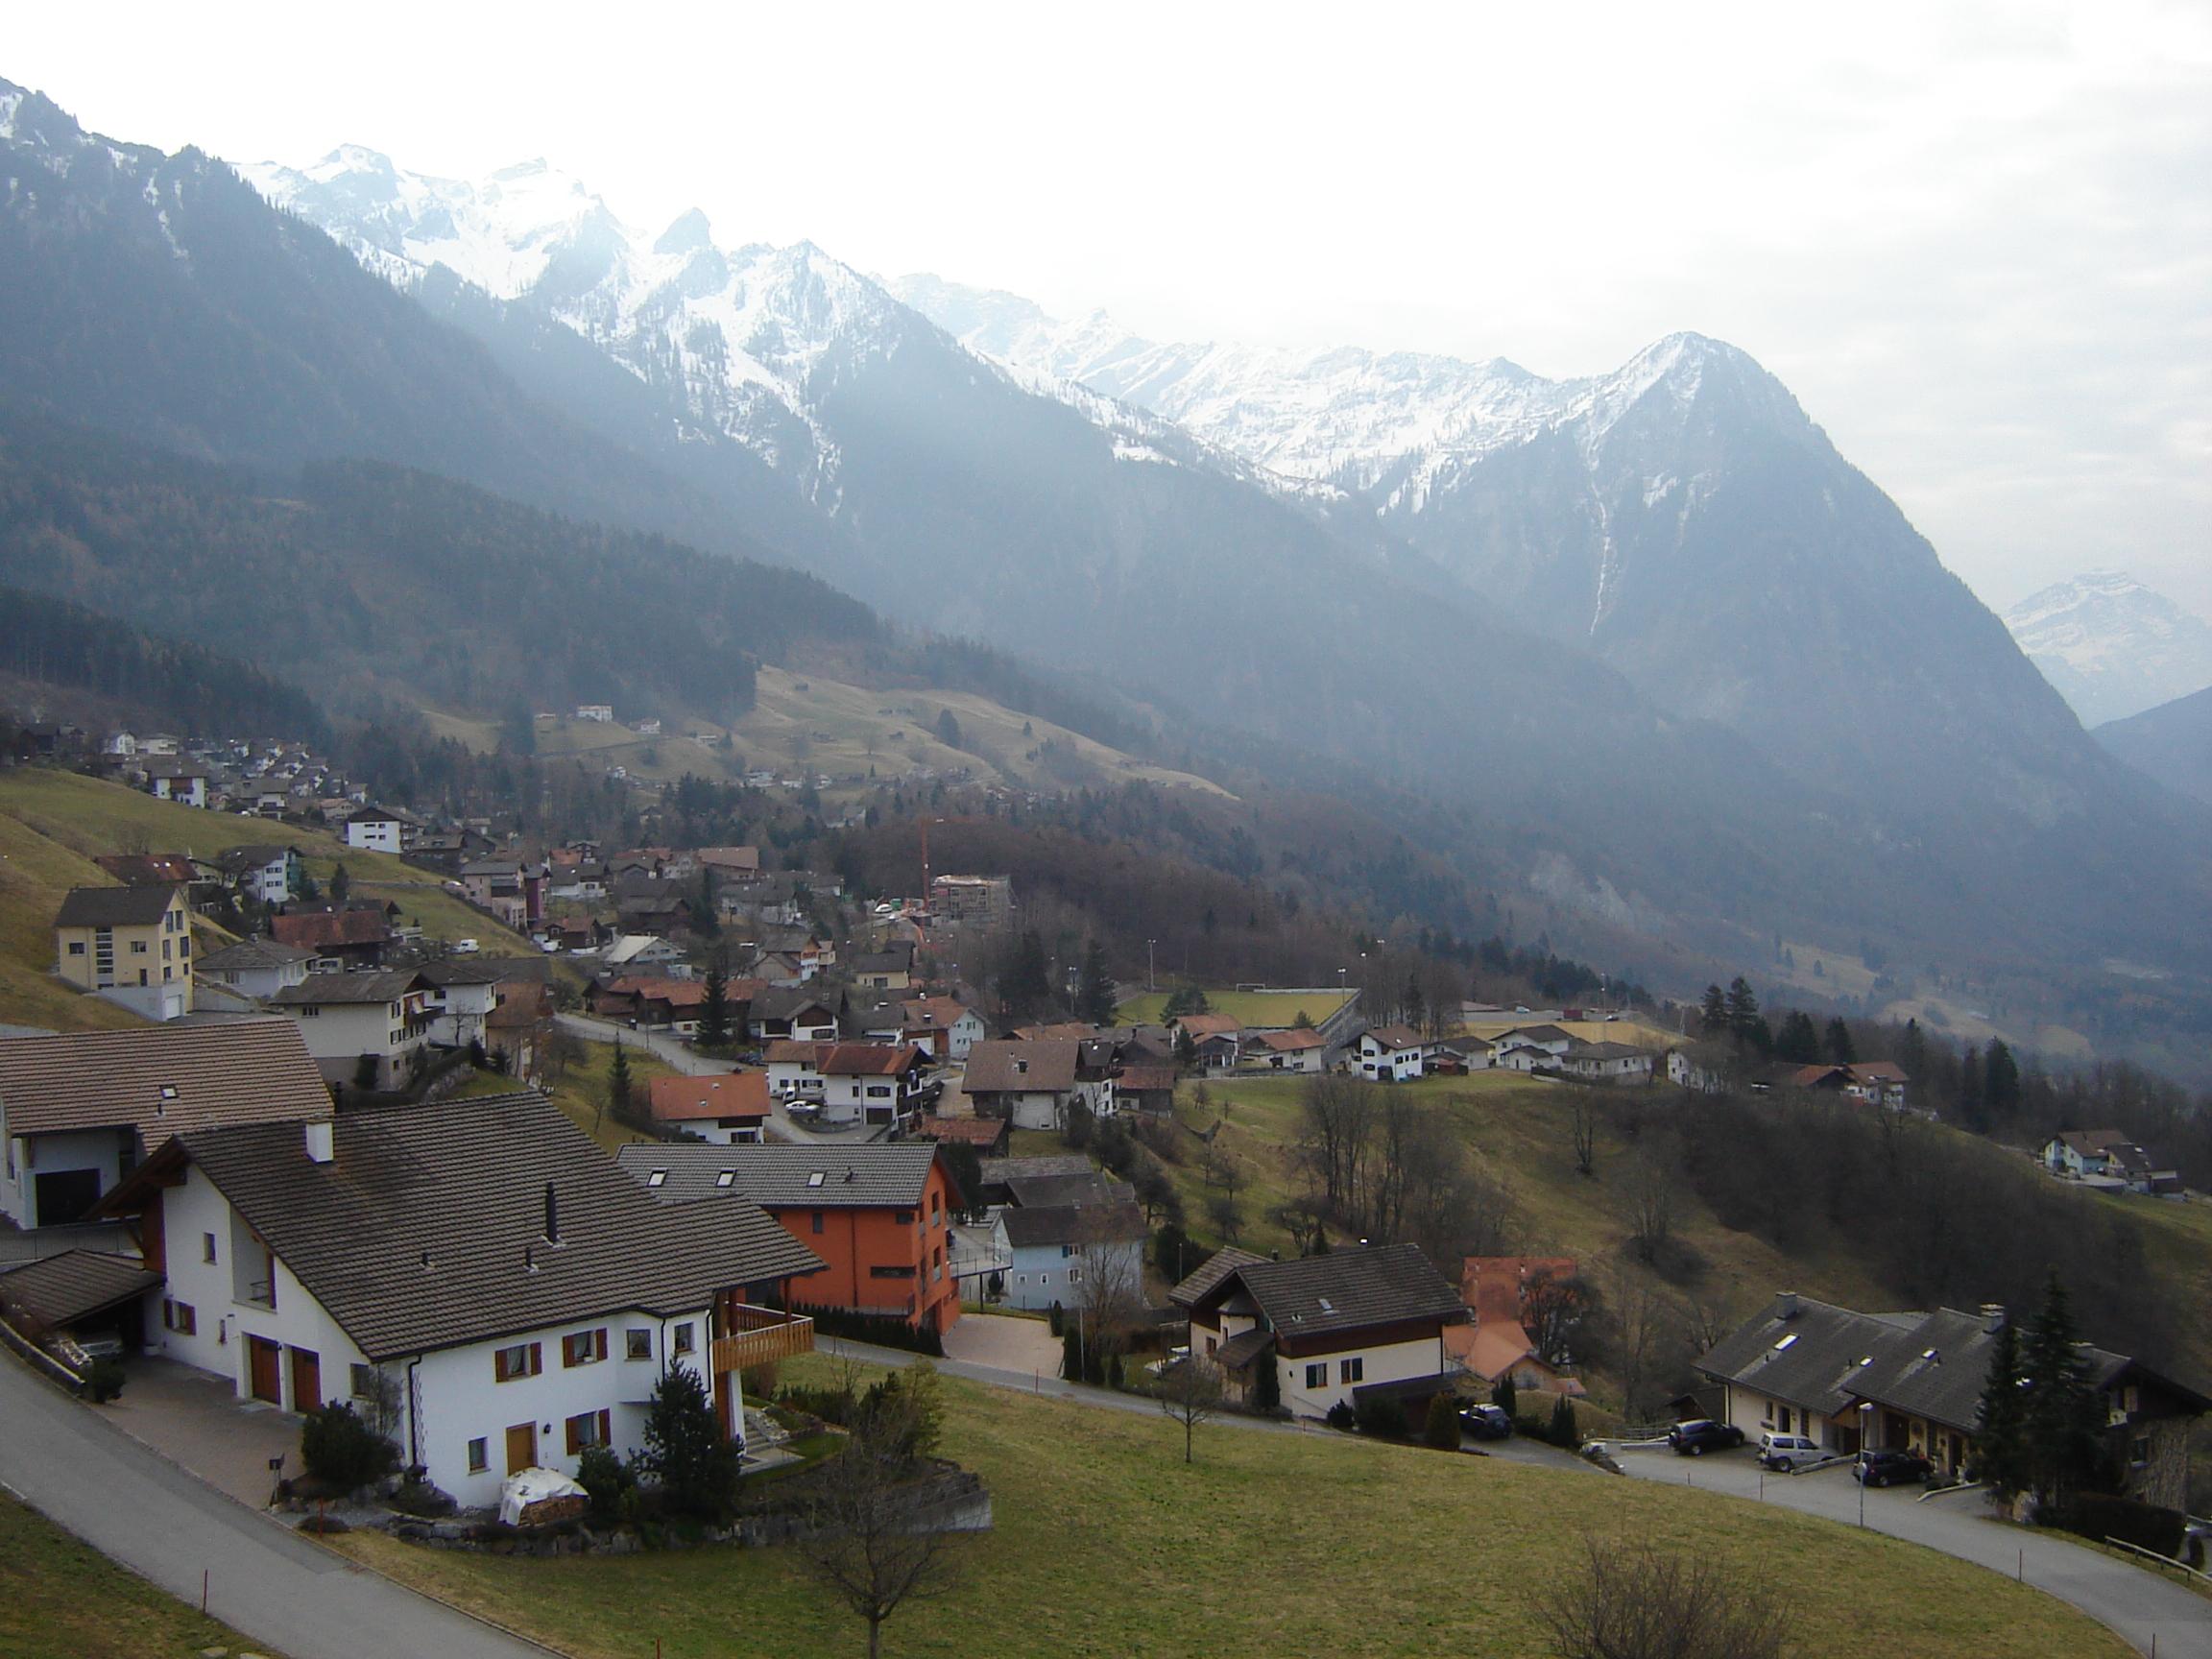 Impressive scenery in Liechtenstein, Europe.